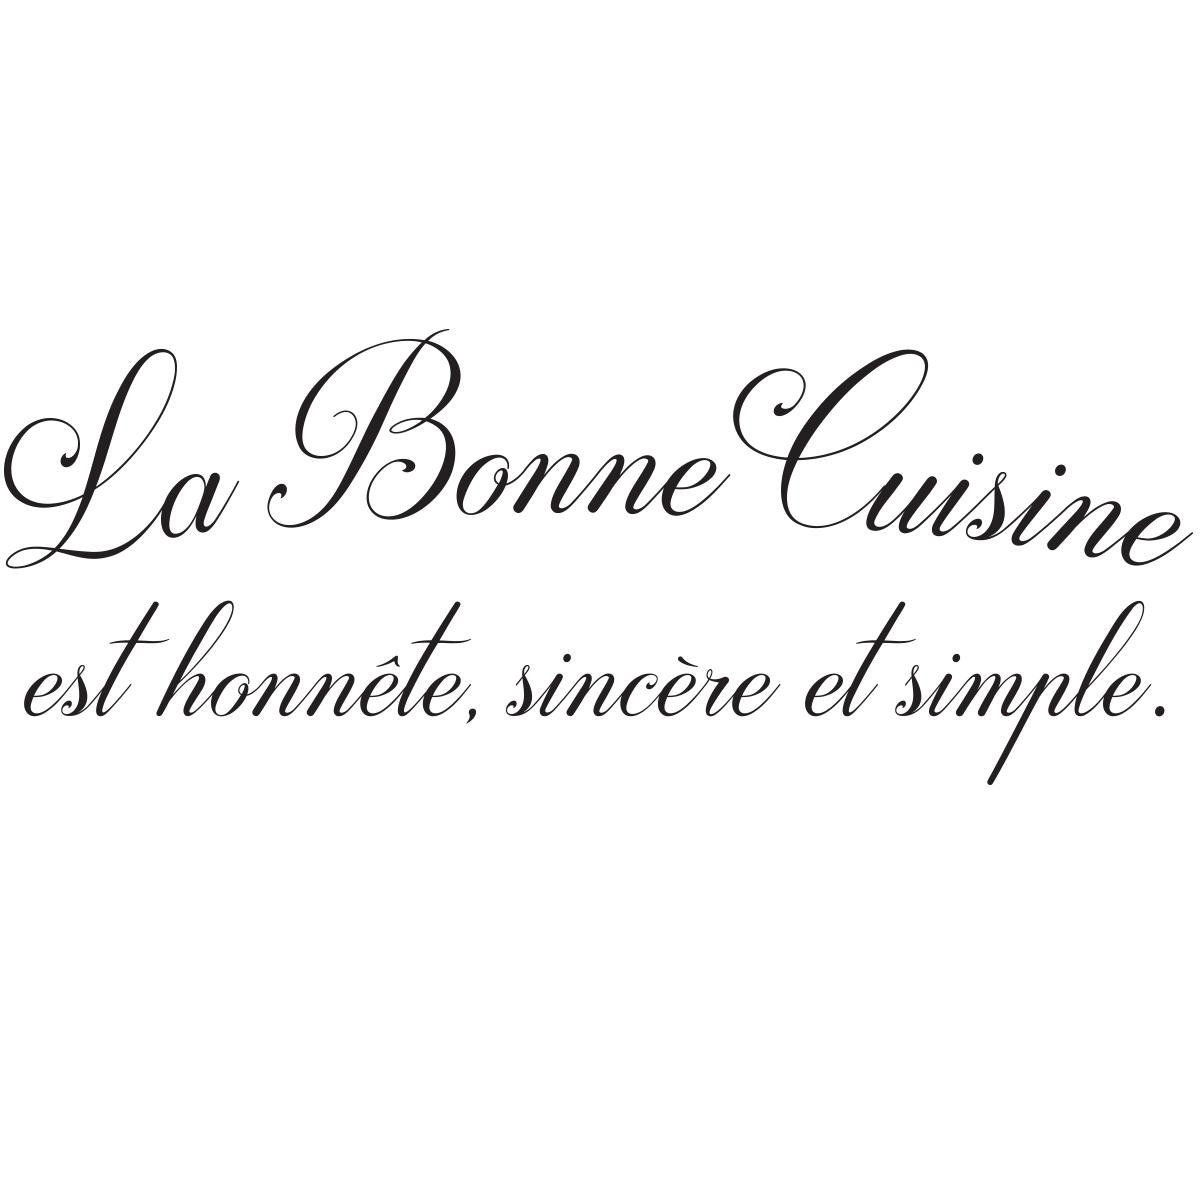 Sticker citation cuisine La Bonne Cuisine  Stickers STICKERS CITATIONS Franais  Ambiancesticker